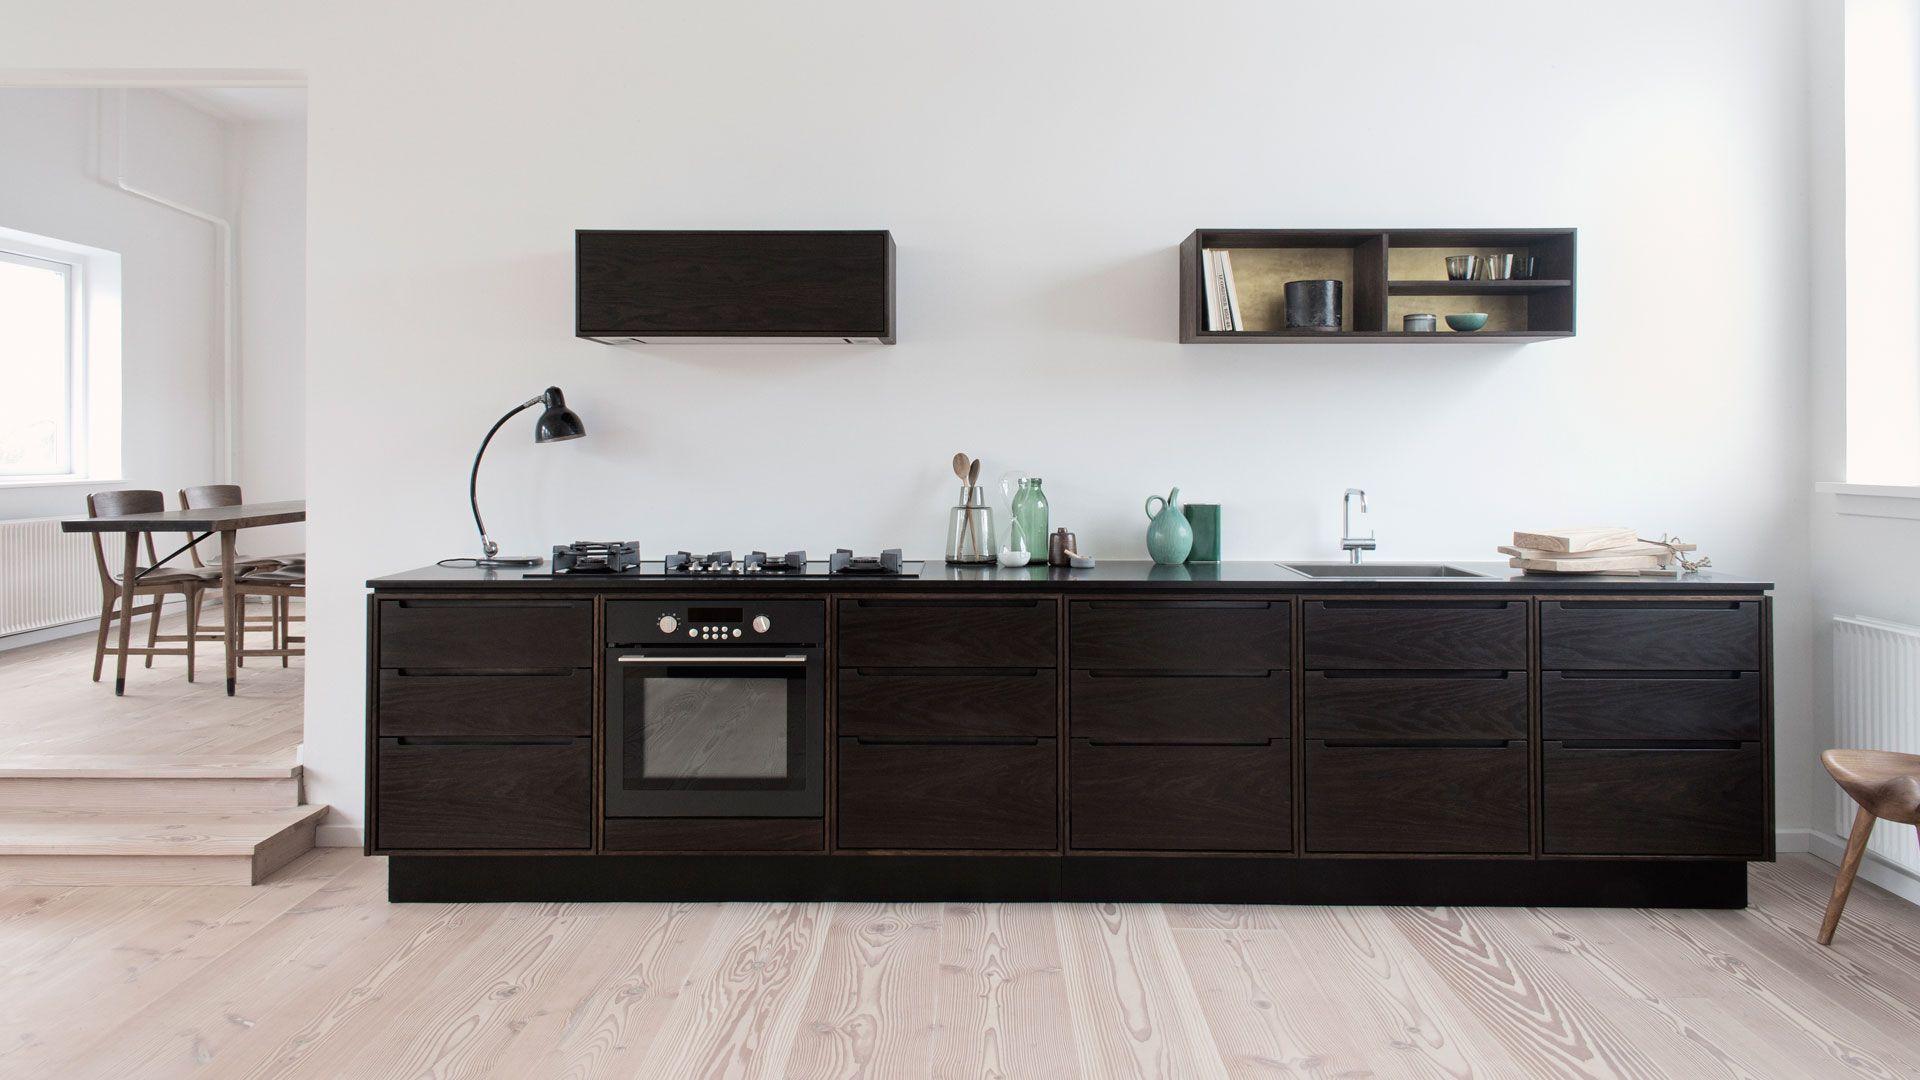 Handcrafted showroom/kitchen by danish Koch Køkken. www.kochkoekken ...